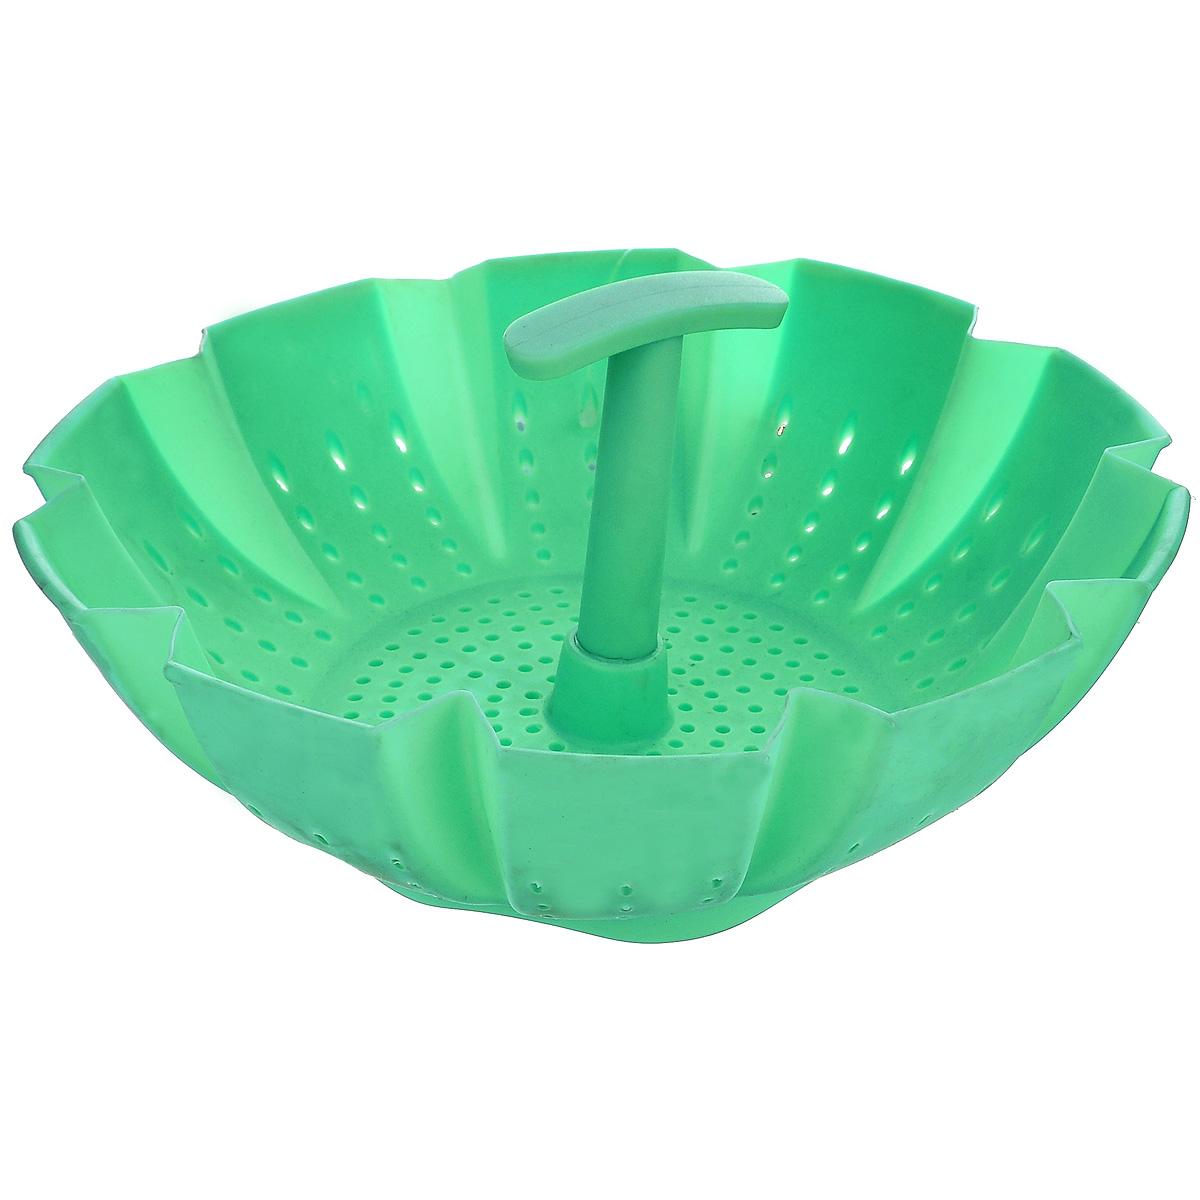 Пароварка Mayer & Boch, цвет: зеленый, 900 мл21984Пароварка Mayer & Boch выполнена из высококачественного силикона и предназначена для готовки на пару и разогрева. Изделие можно безбоязненно помещать в морозильную камеру, холодильник, микроволновую печь, посудомоечную машину и духовой шкаф. Благодаря материалу пароварка не ржавеет, на ней не образуются пятна. Диаметр по верхнему краю: 22 см. Высота: 10 см.